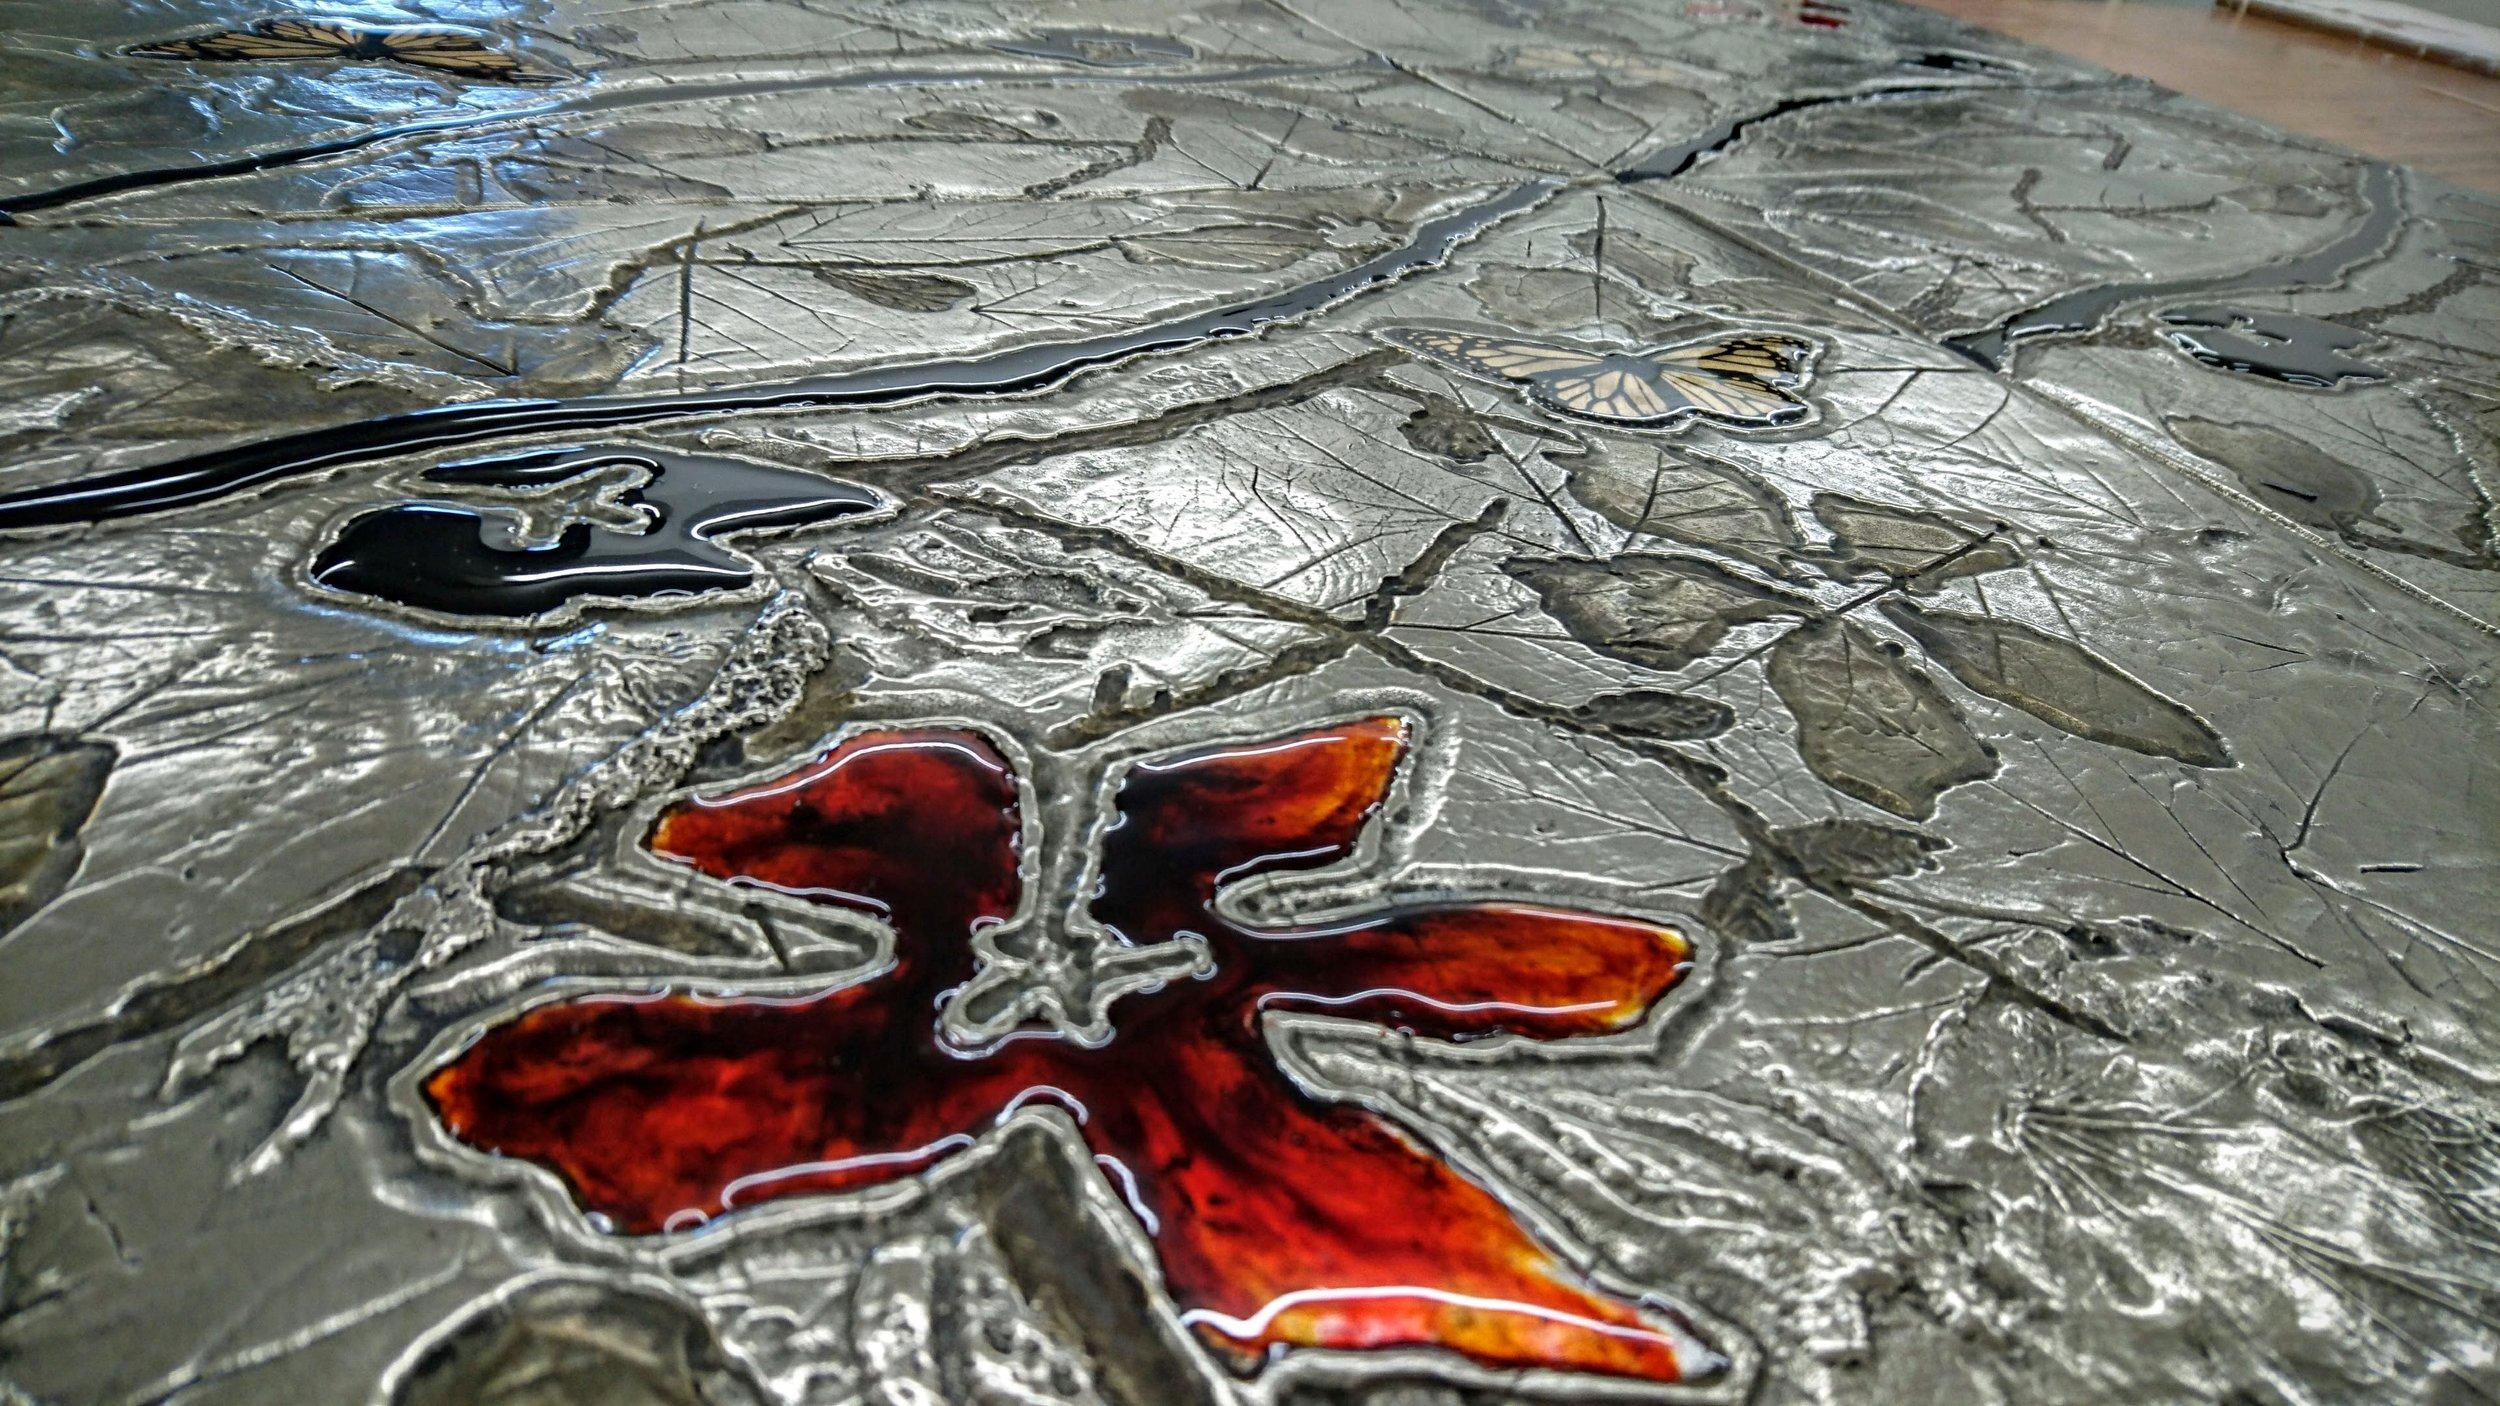 65.Dekoratyvinis pano. Reljefas dengtas platina, stiklu.